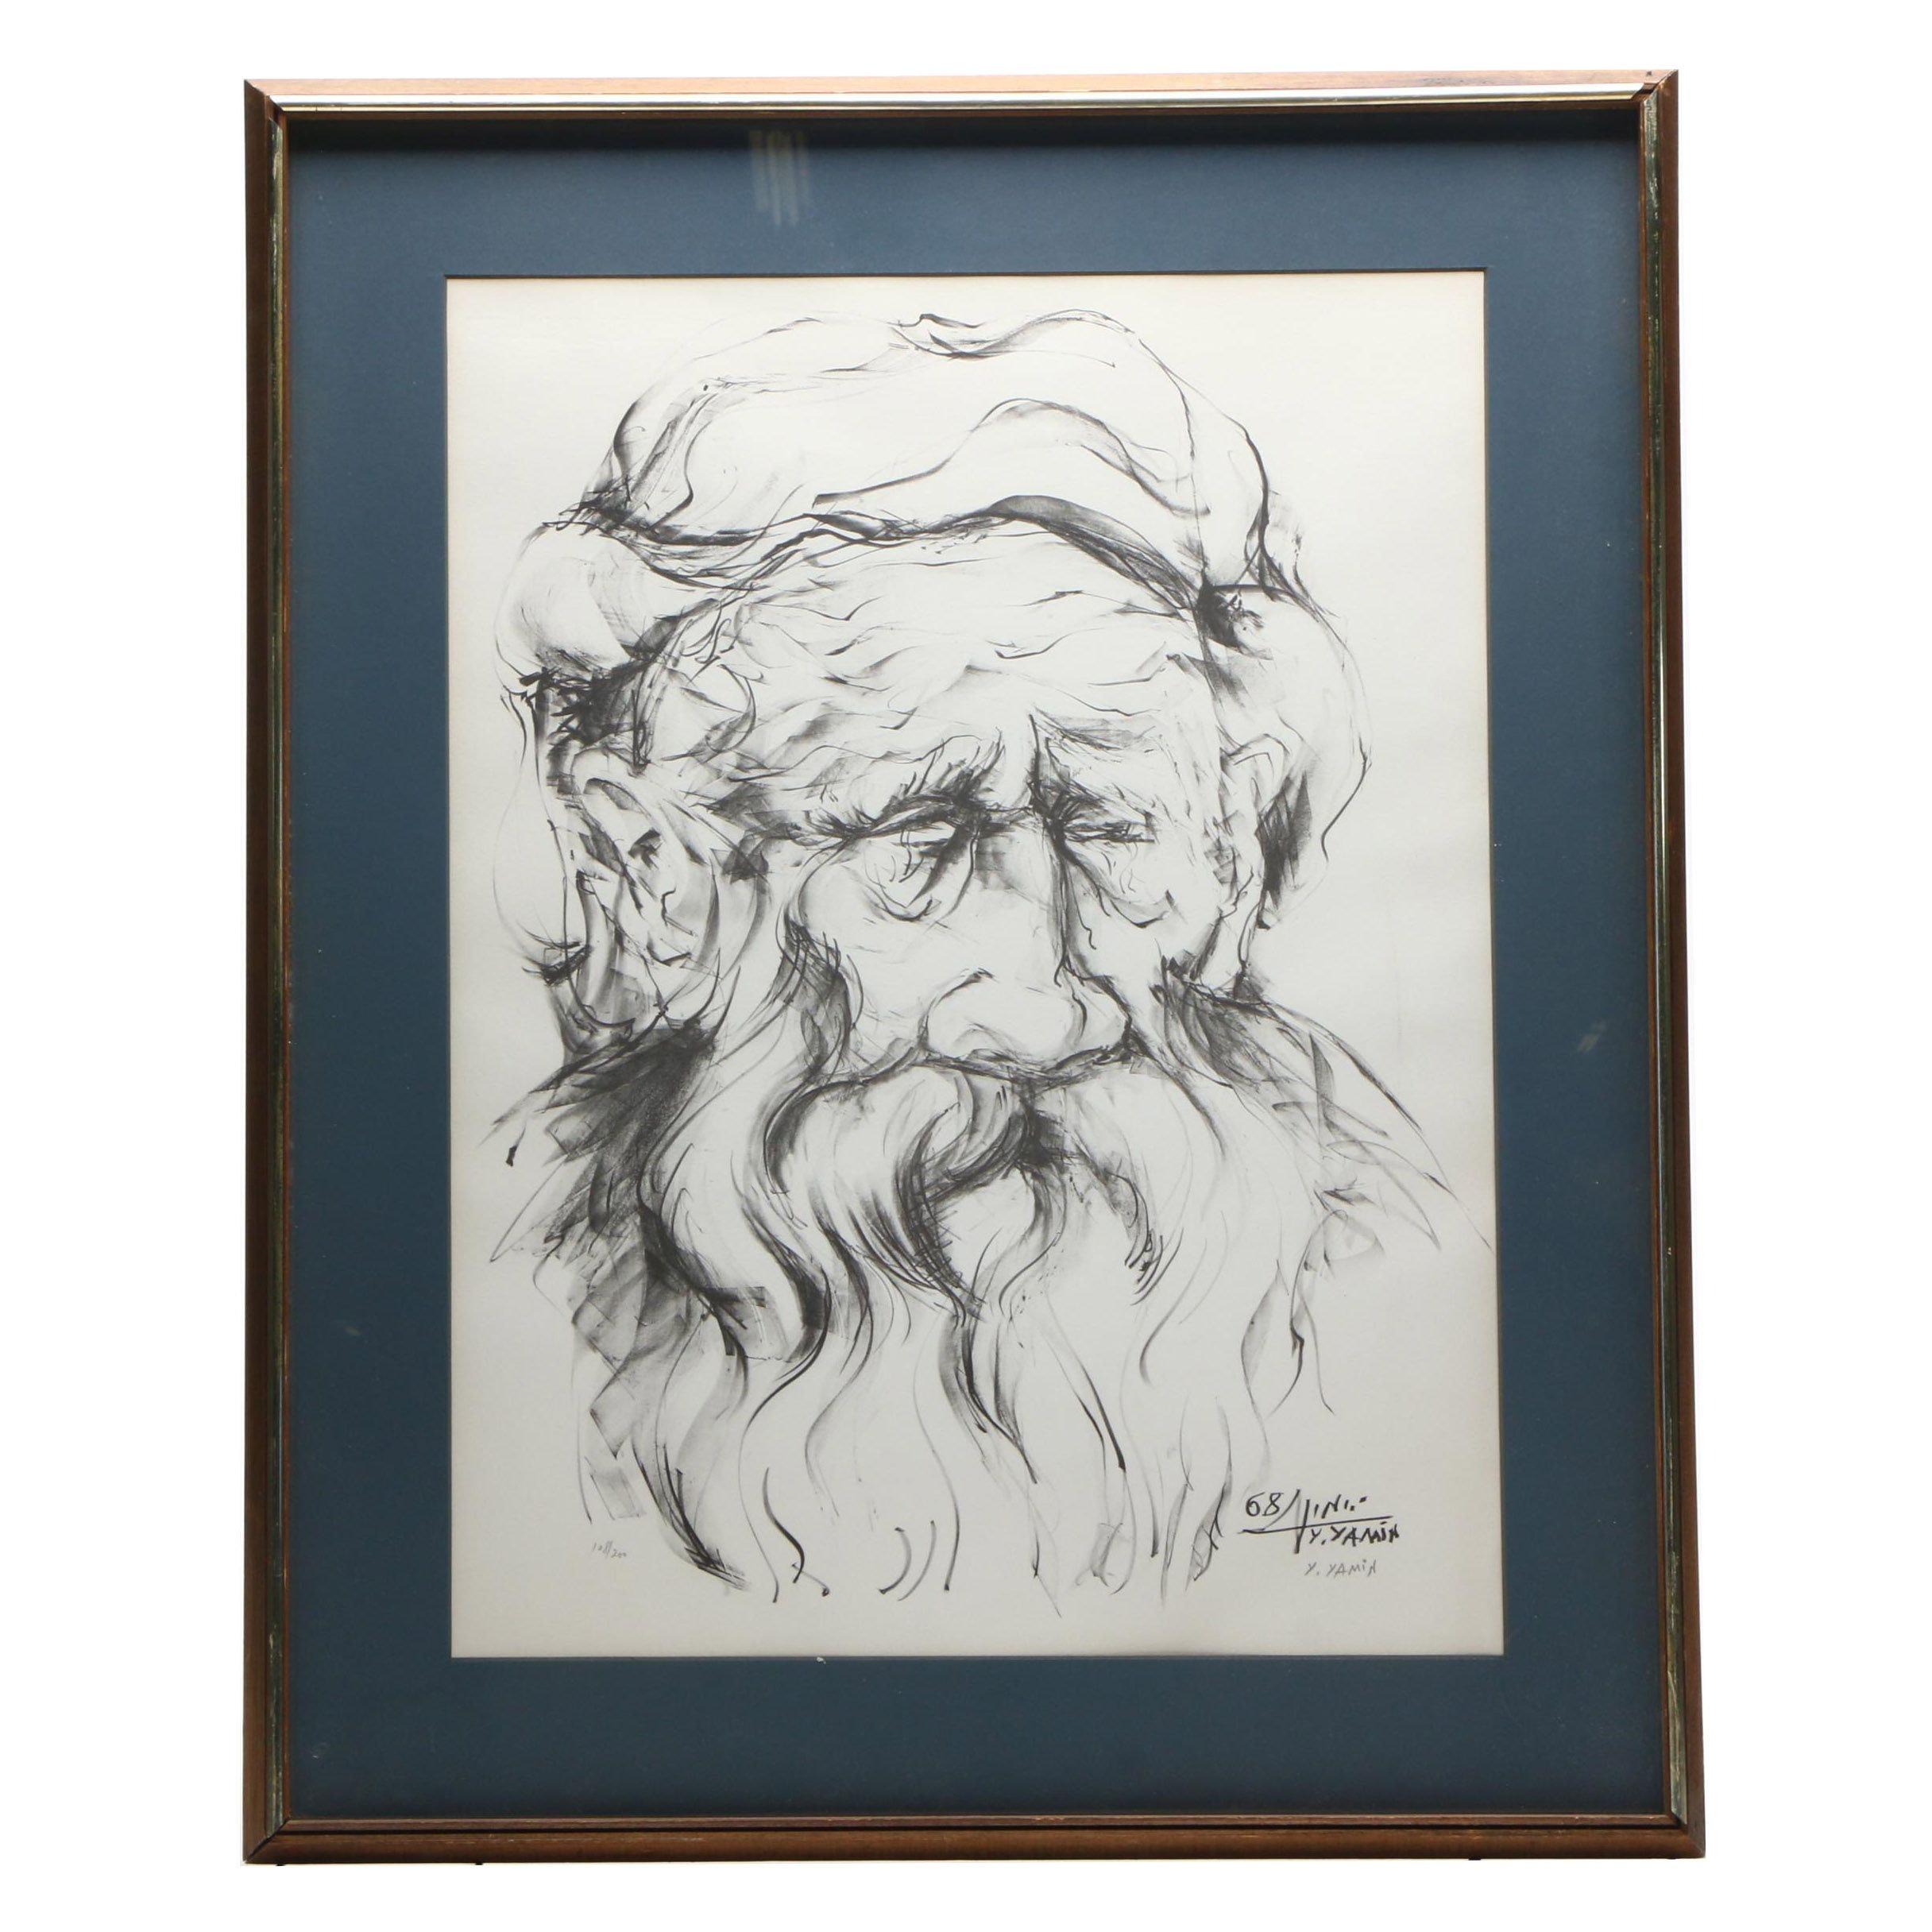 Yitzhak Yamin Limited Edition Lithograph on Paper